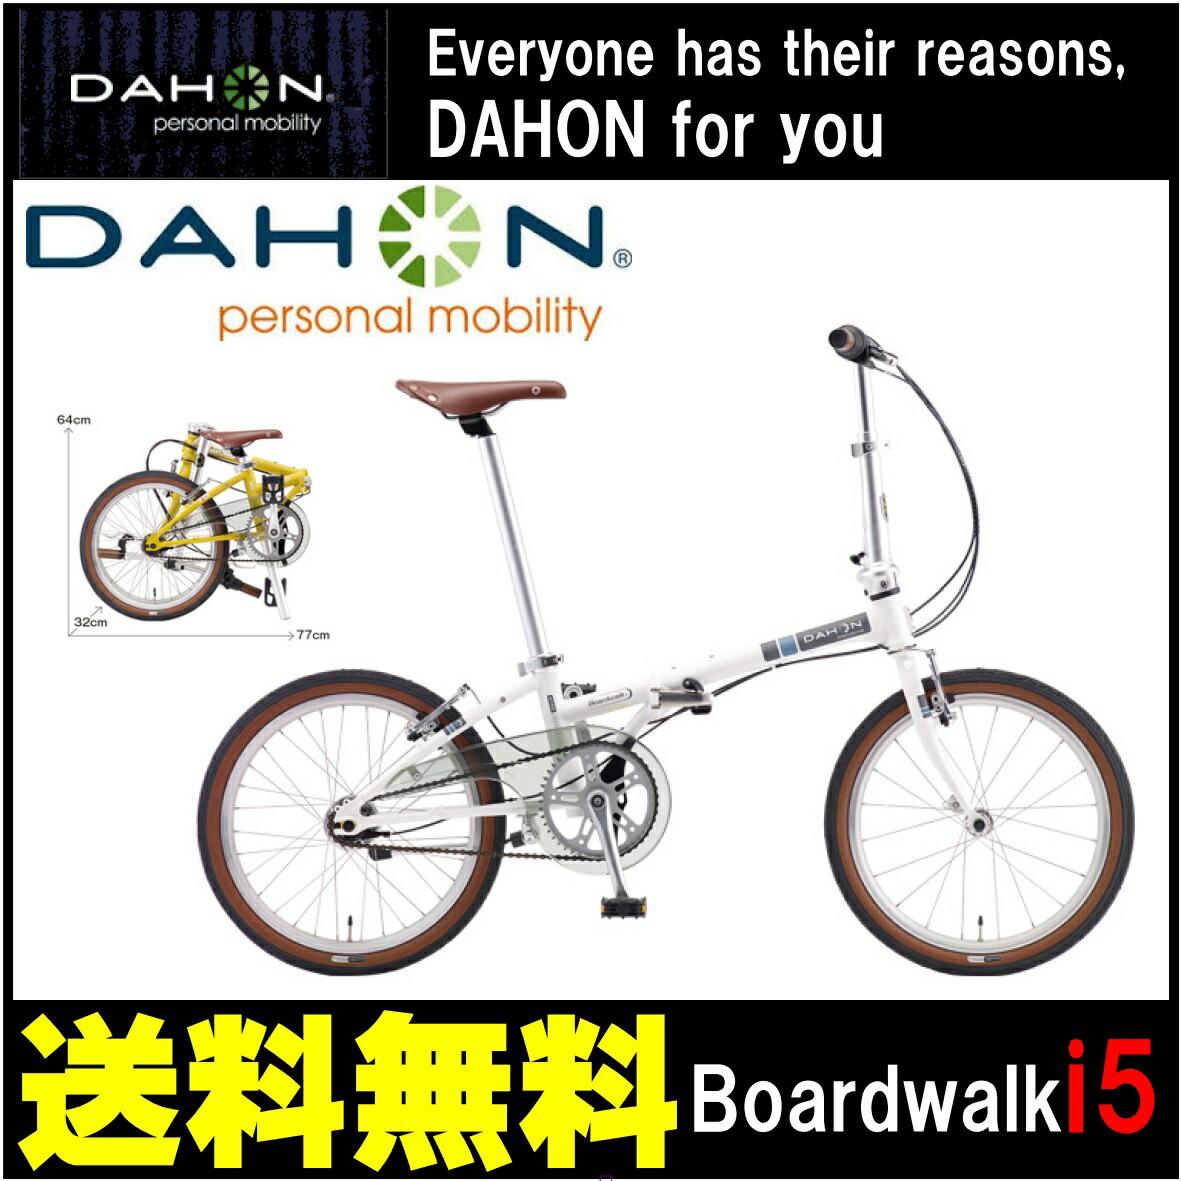 折りたたみ自転車 DAHON Boardwalk i5 ダホン 自転車 マットホワイト 白 20インチ 折りたたみ自転車 内装5段変速ギア Matt white ダホン 折りたたみ自転車 DAHON ボードウォーク i5